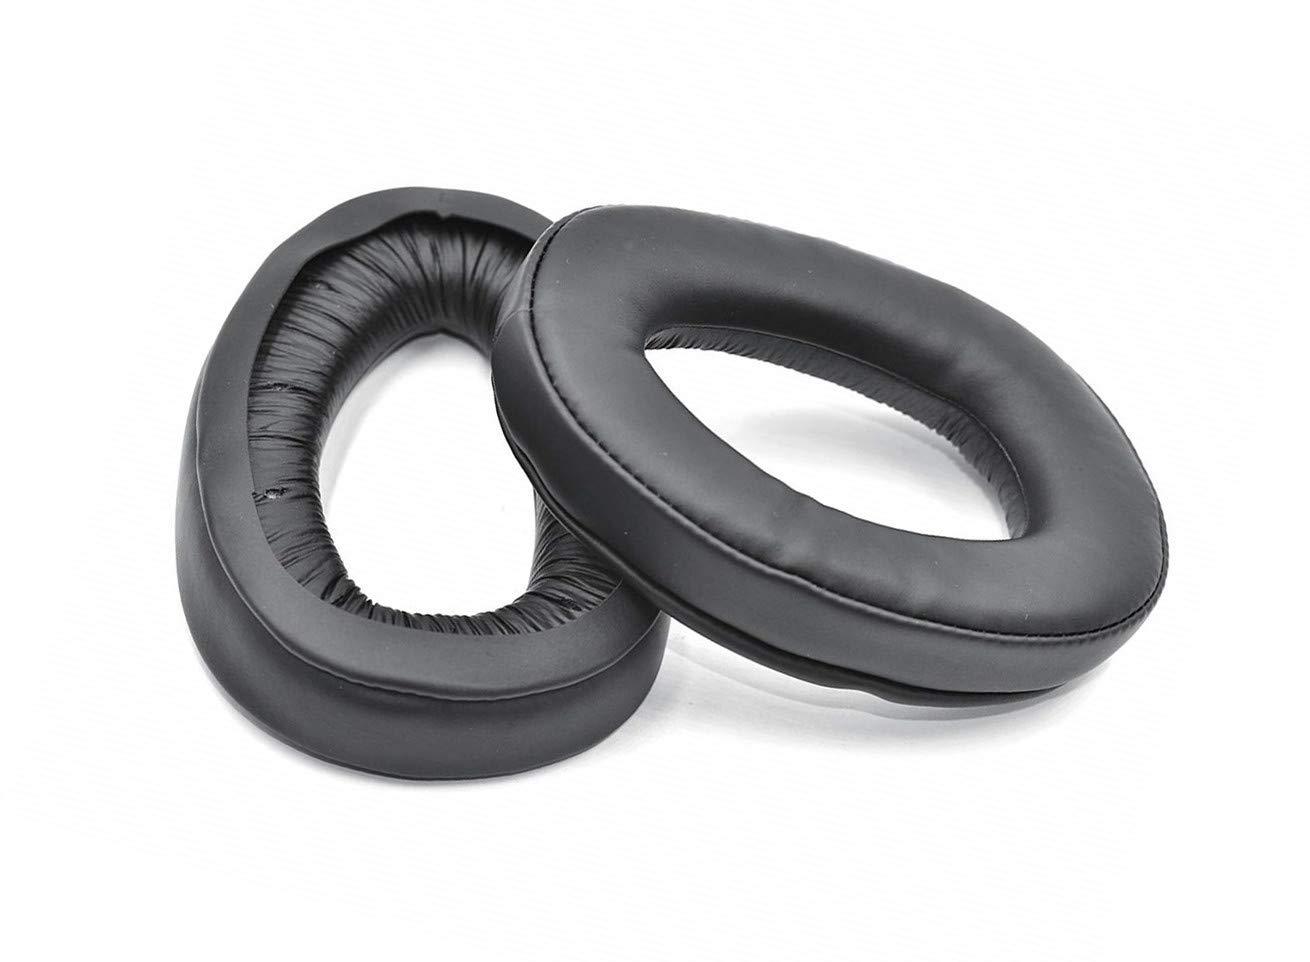 Genuine Sennheiser GSA 601 Replacement Ear Pads Cushions for SENNHEISER GSP 600 GSP 500 Gaming Headphones GSP 670